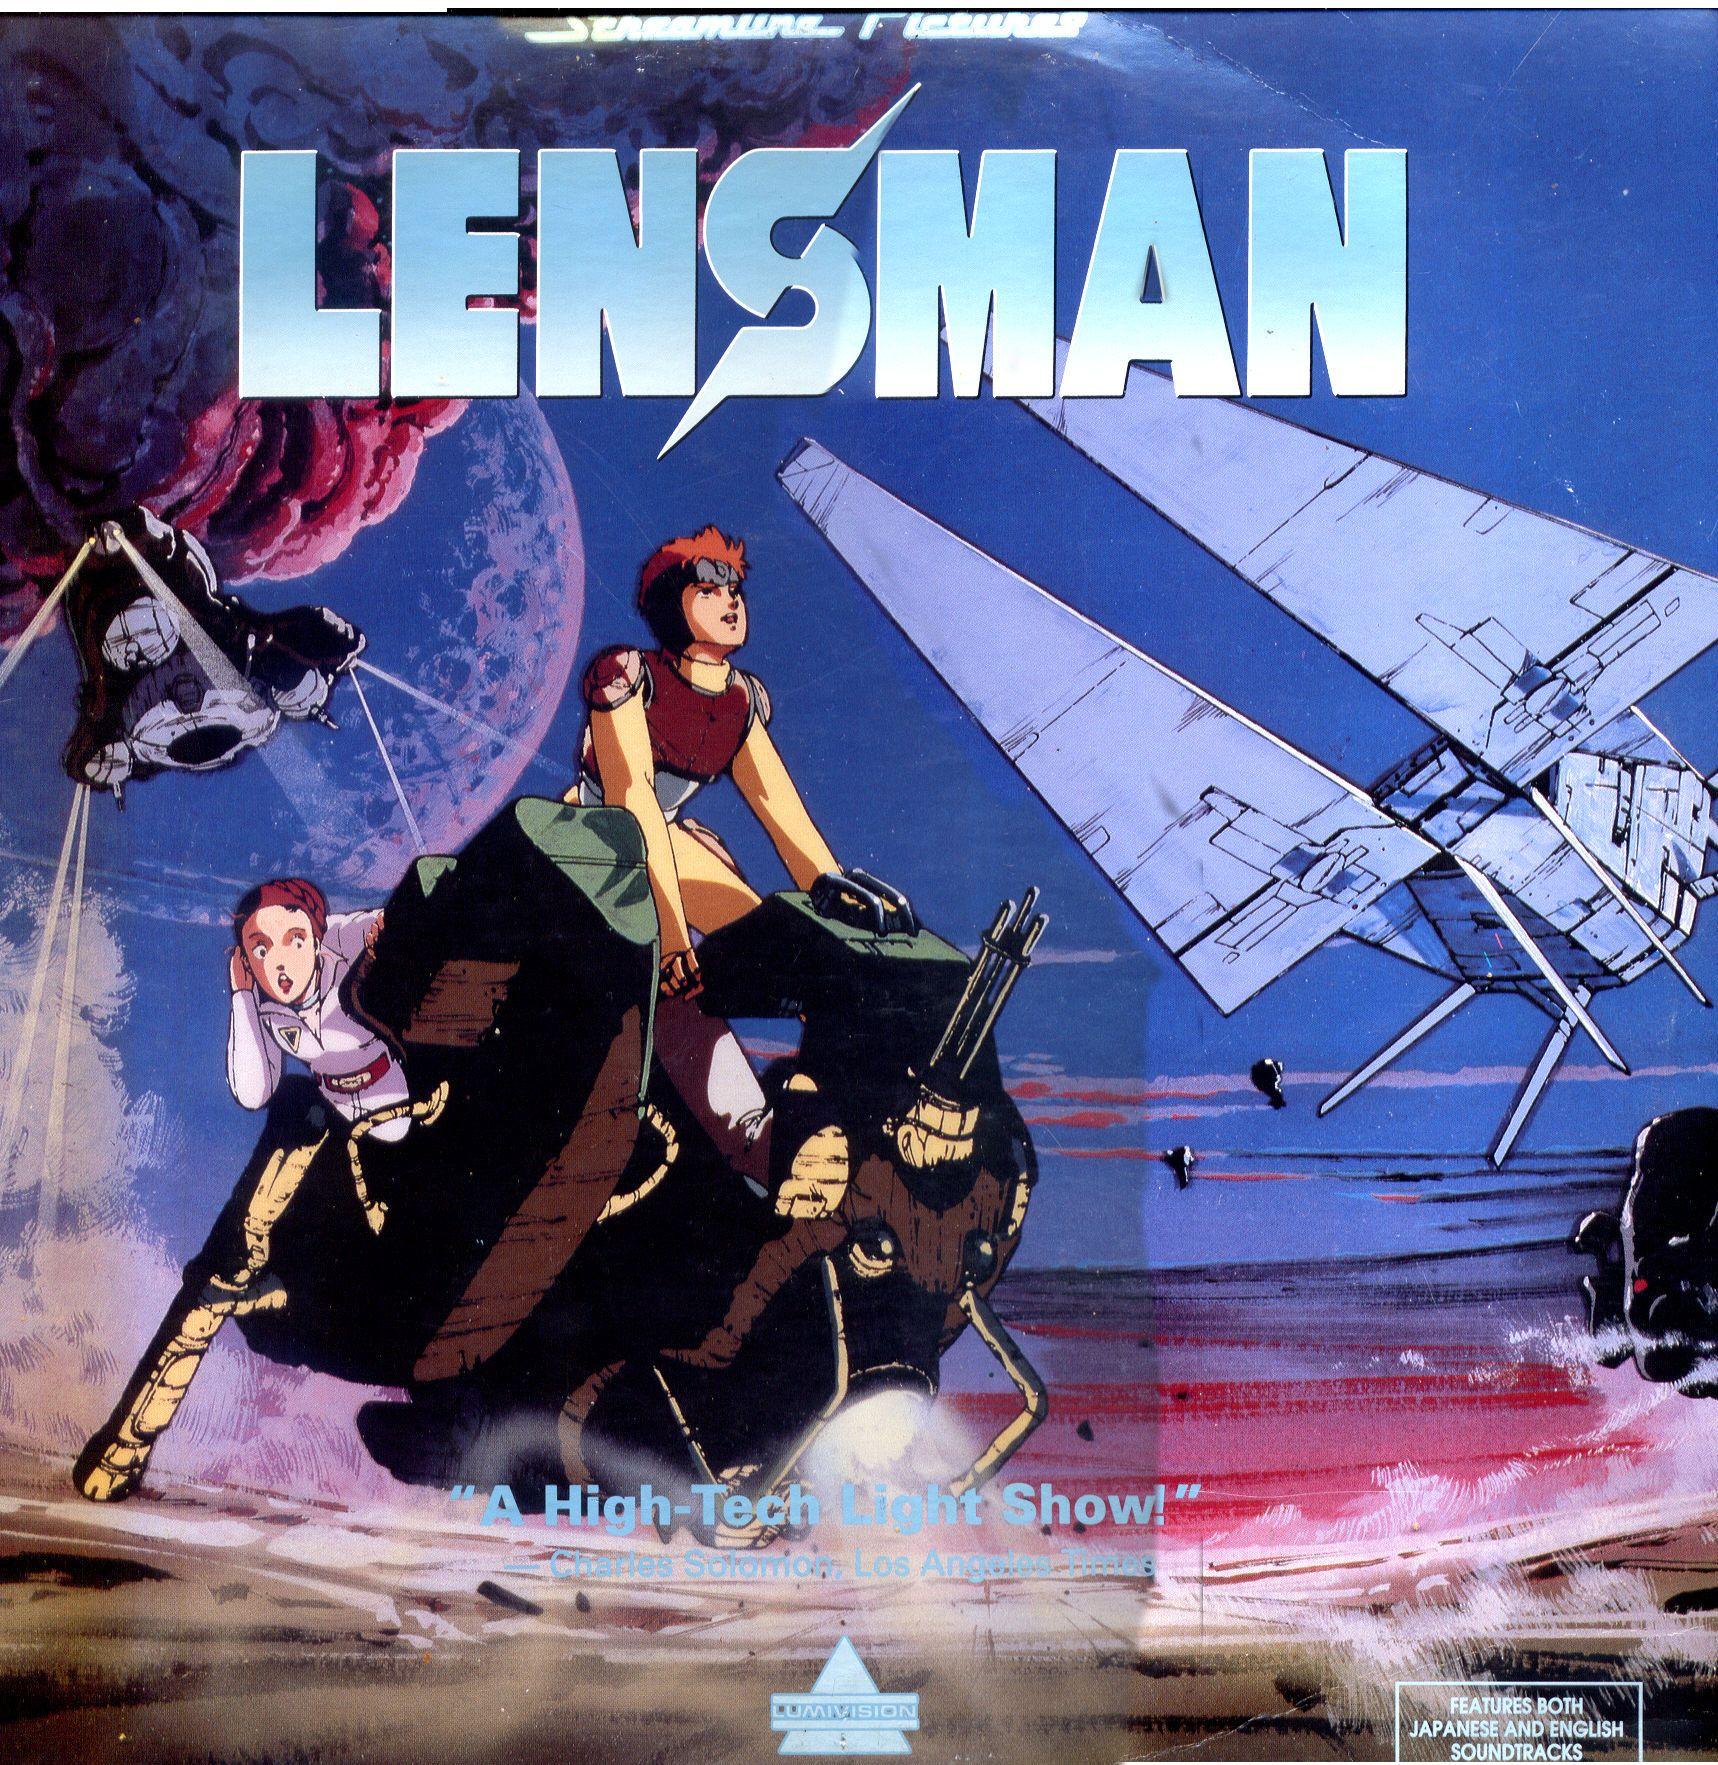 Lensman Anime films